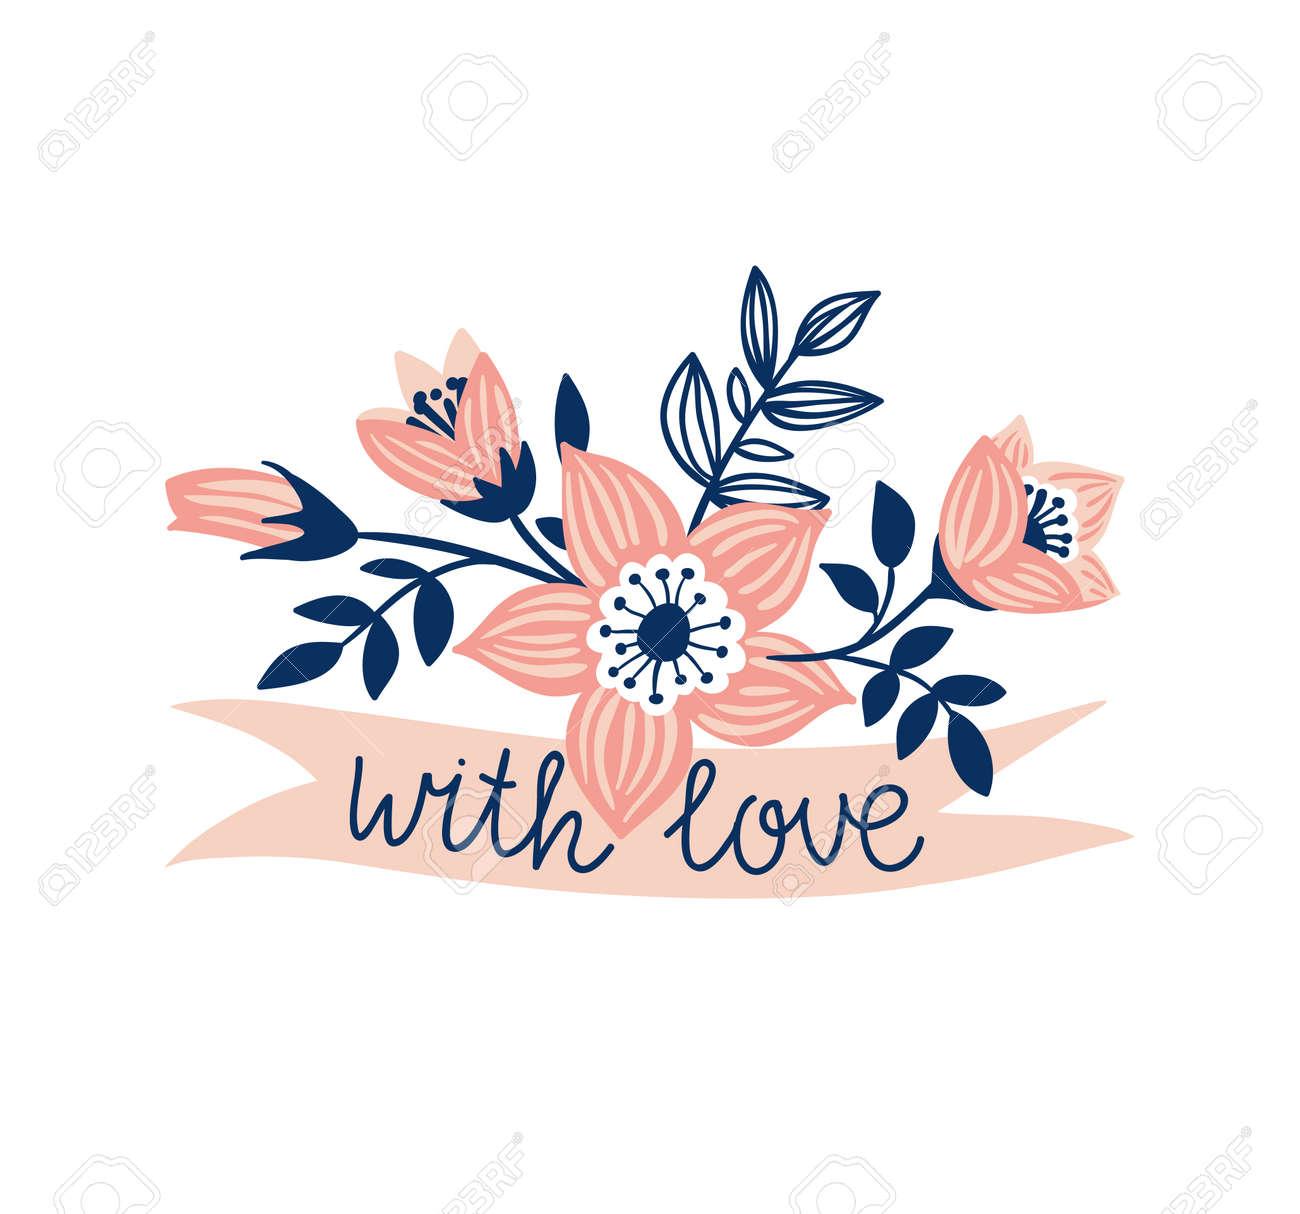 Fita Tirada Mão Do Vetor Com Flores E Frase à Moda Com Amor Elemento De Design Floral Isolado No Fundo Branco